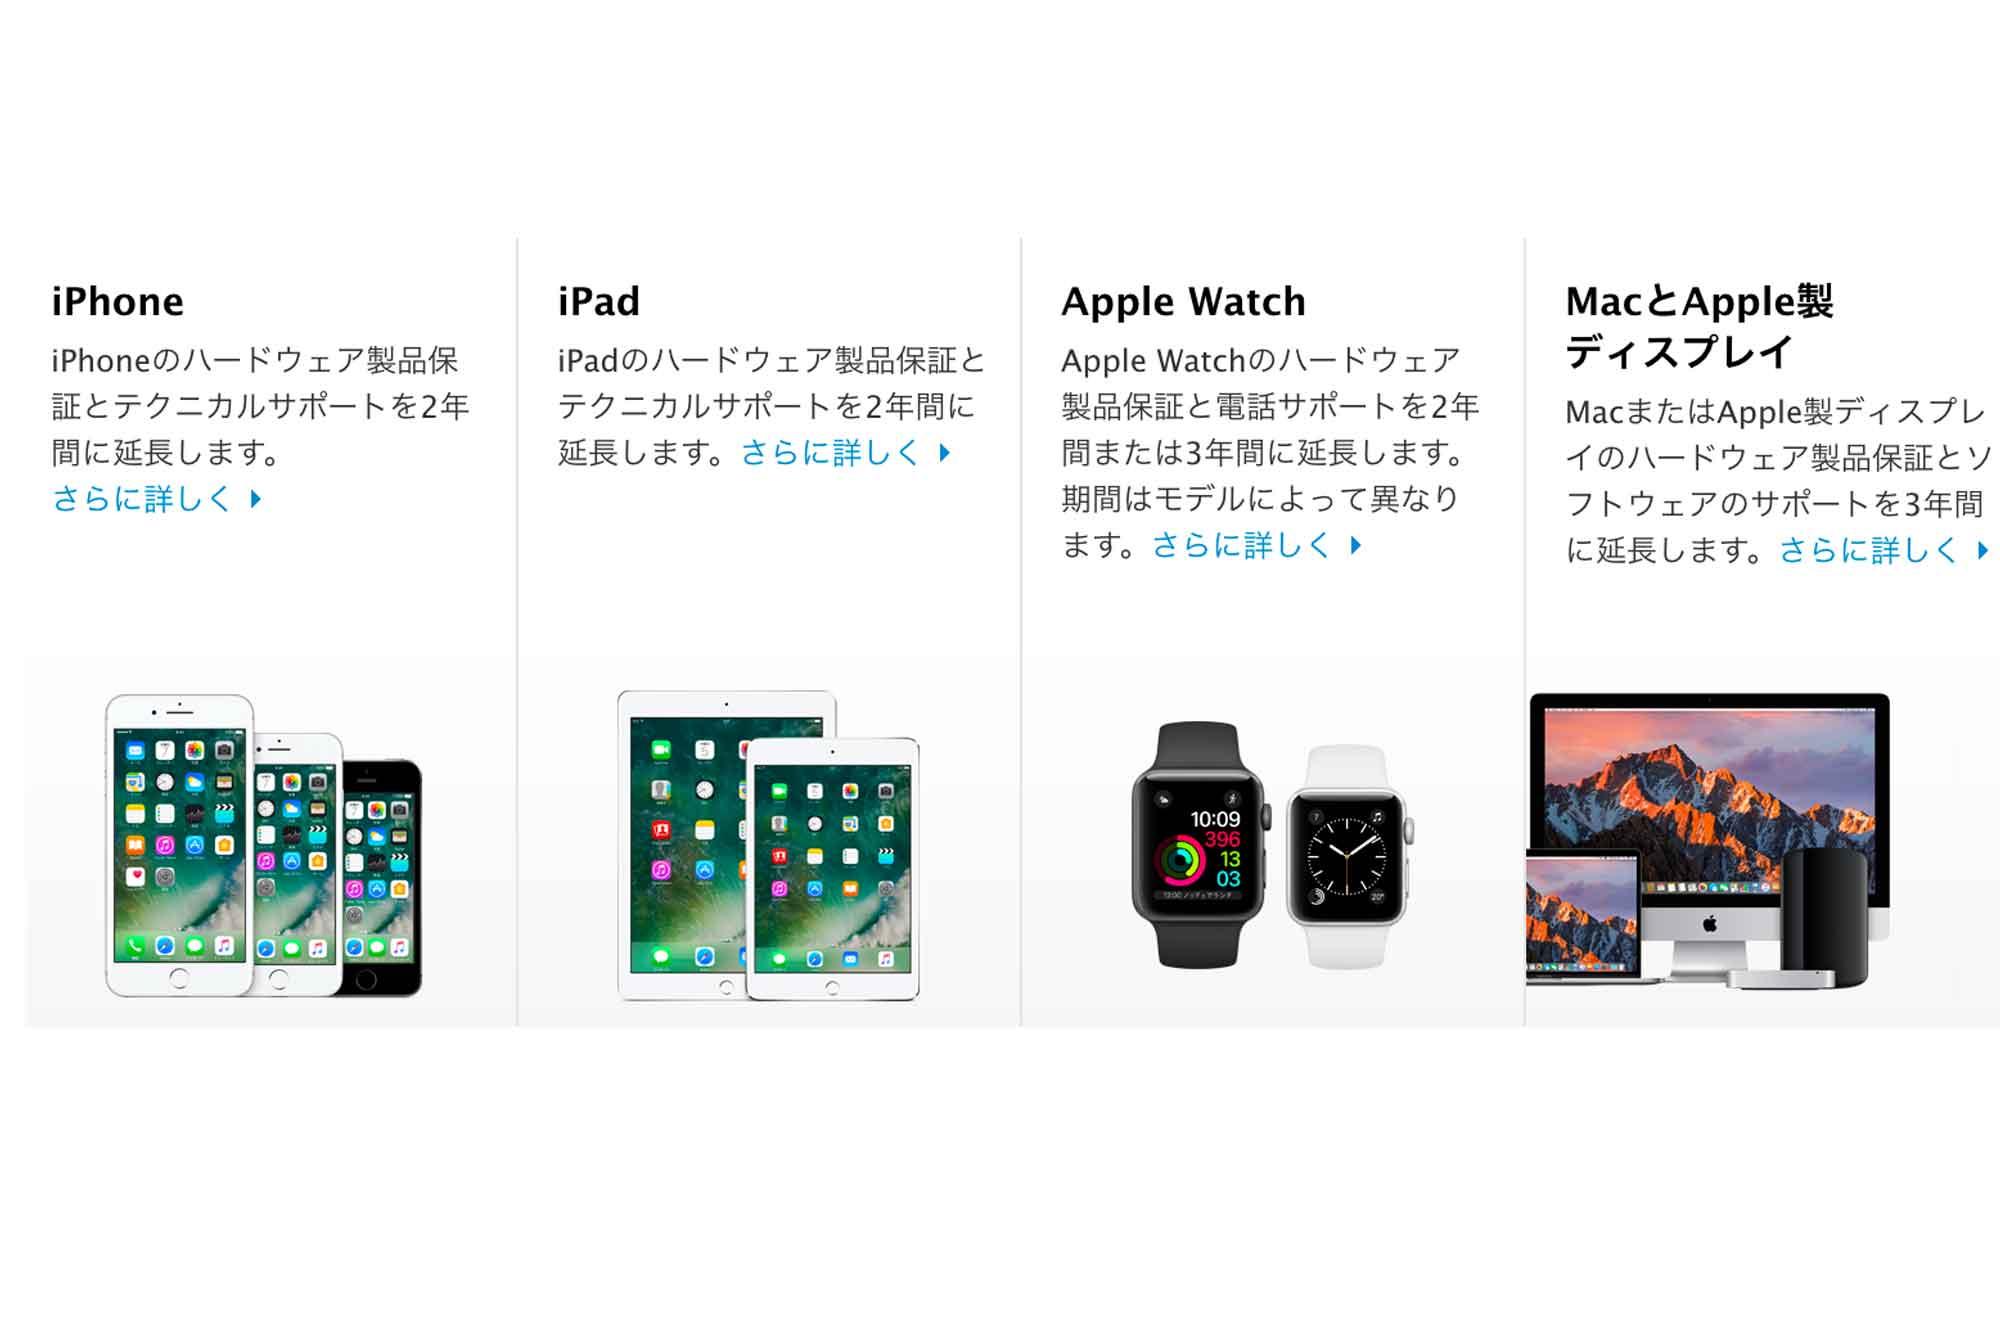 アップル製品購入時のAppleCareが絶対オススメの理由